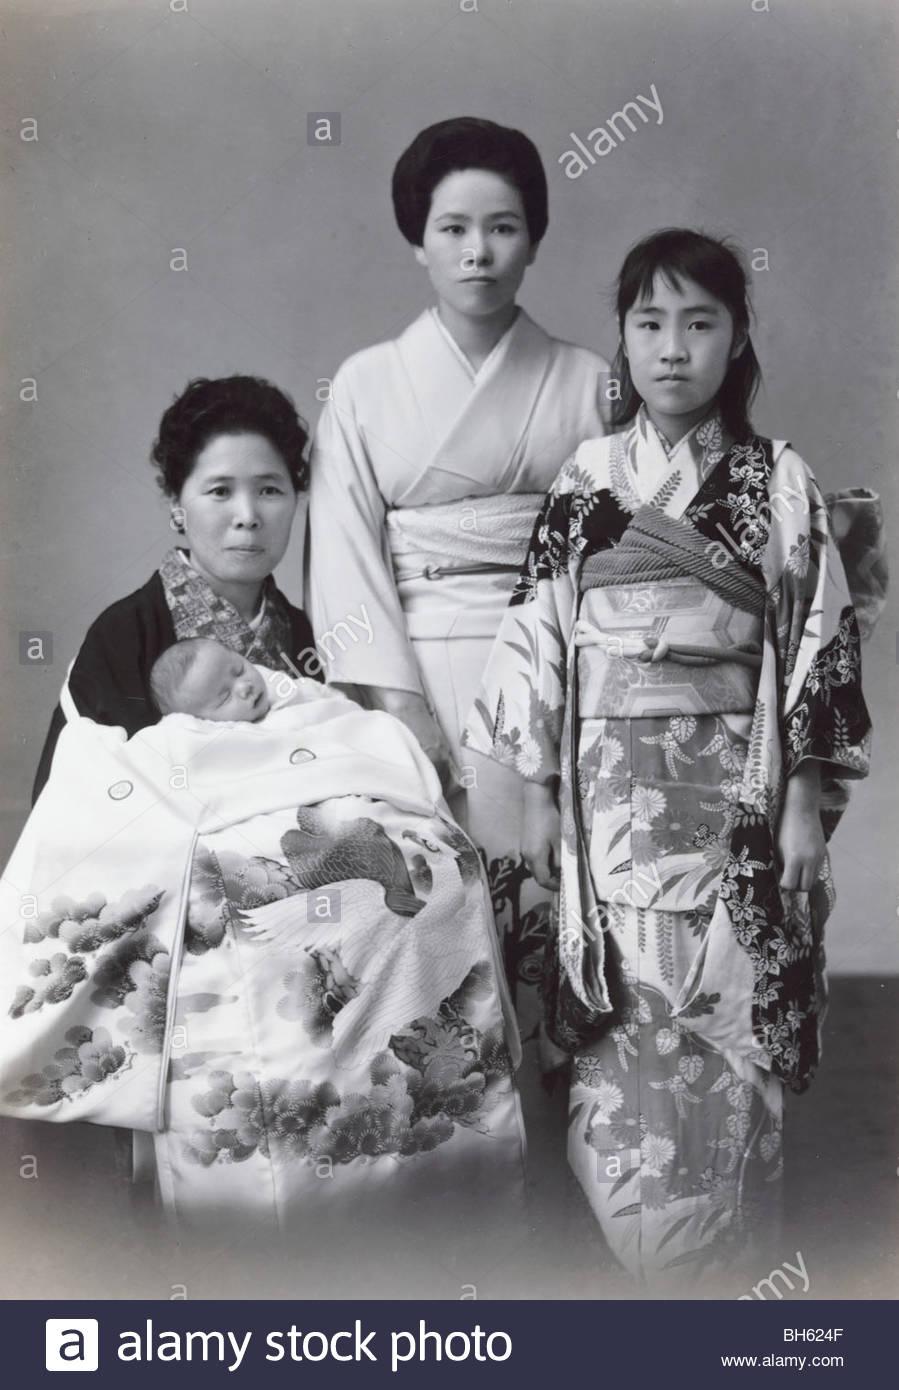 Ritratto formale di donne giapponesi con new born baby 1965 Immagini Stock